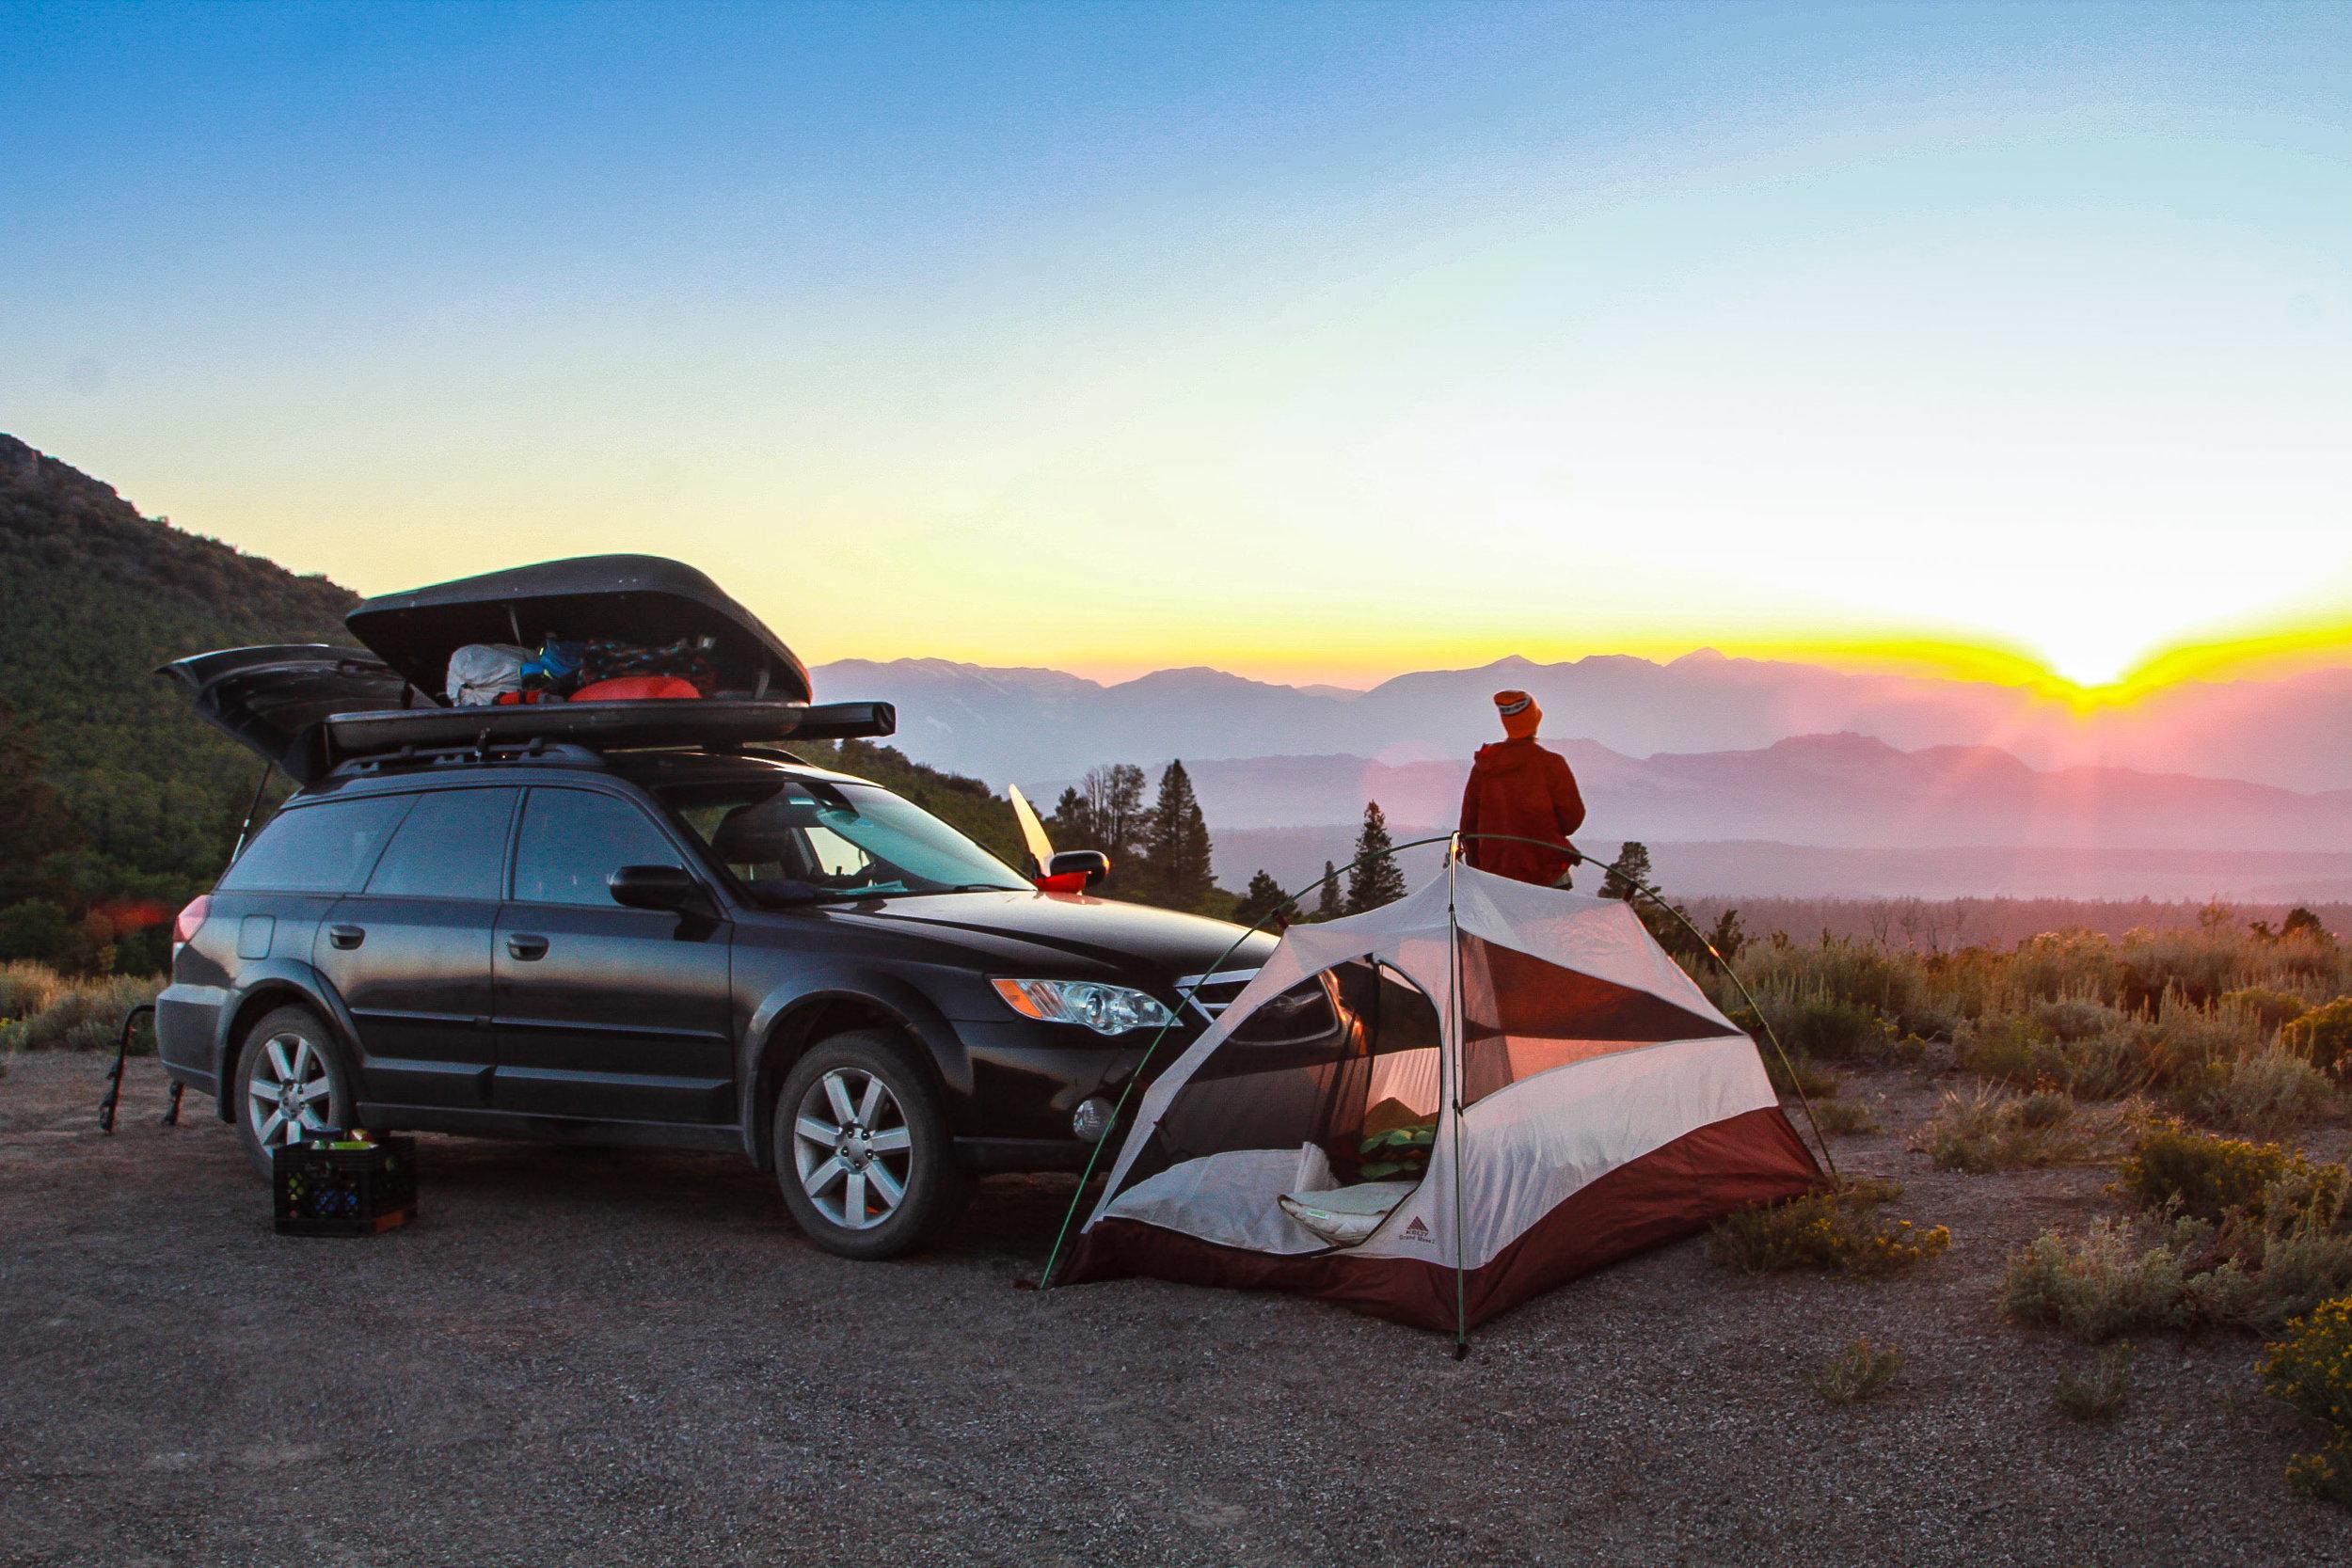 Subaru Outback Camper